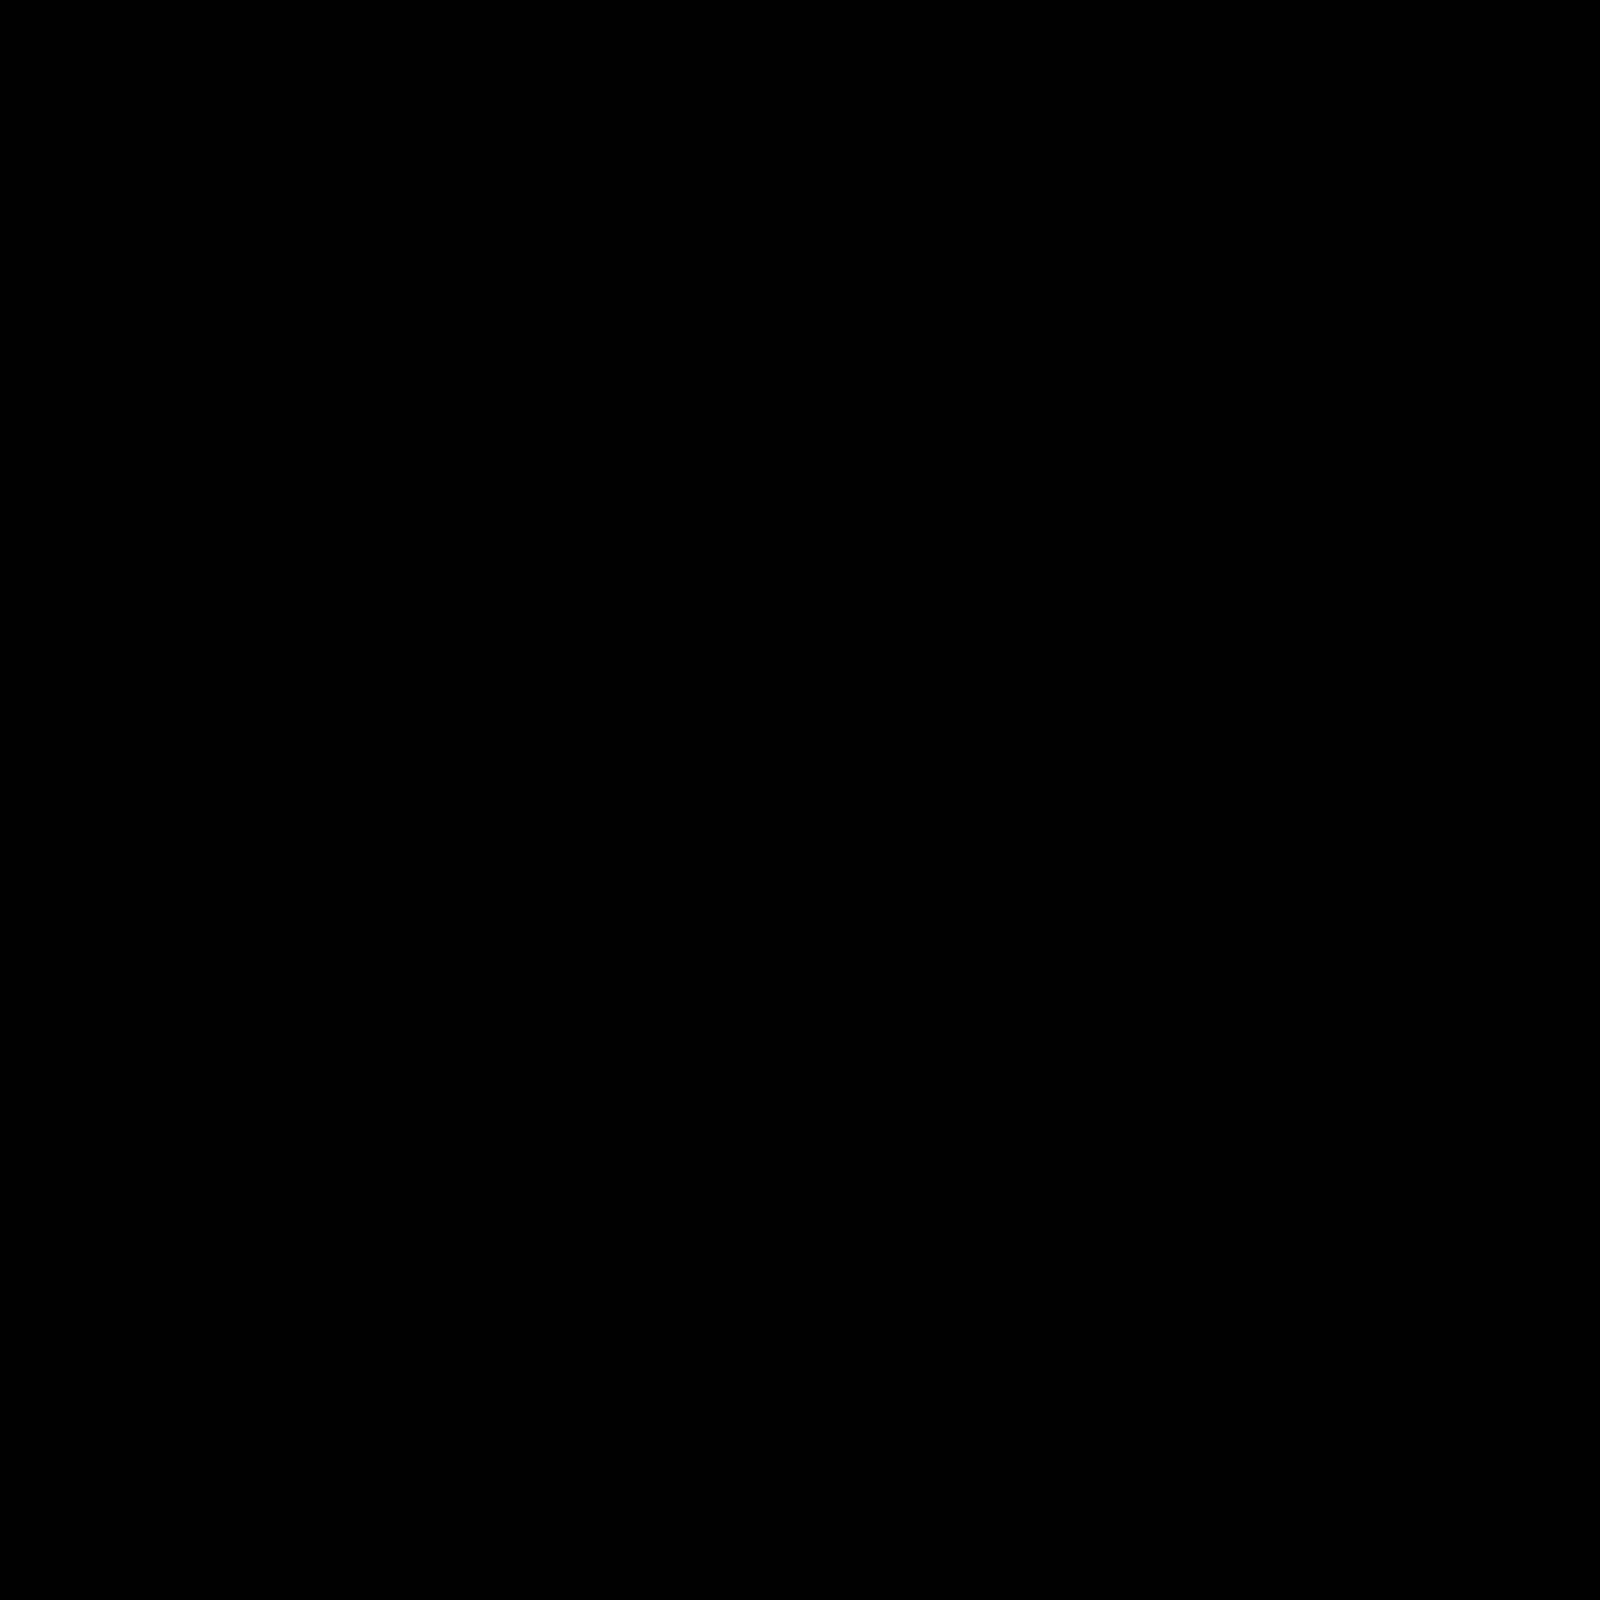 Escalade icon